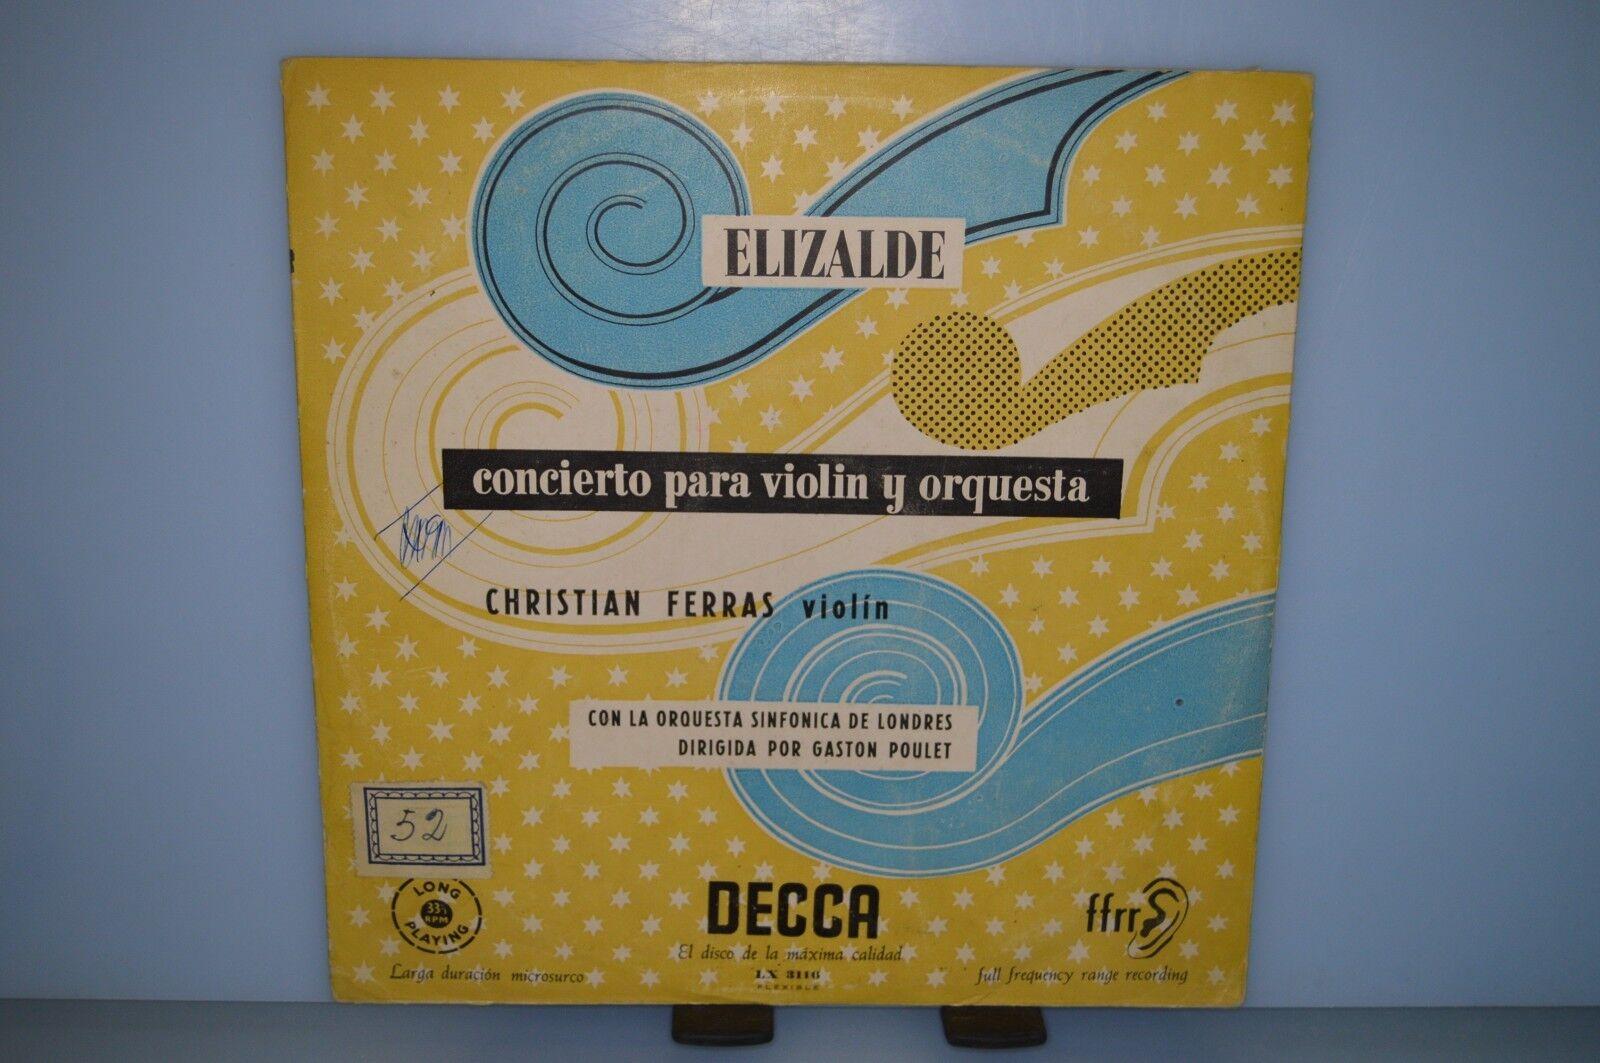 Christian Ferras - Concierto para violin y orquesta. VINILO LP 10